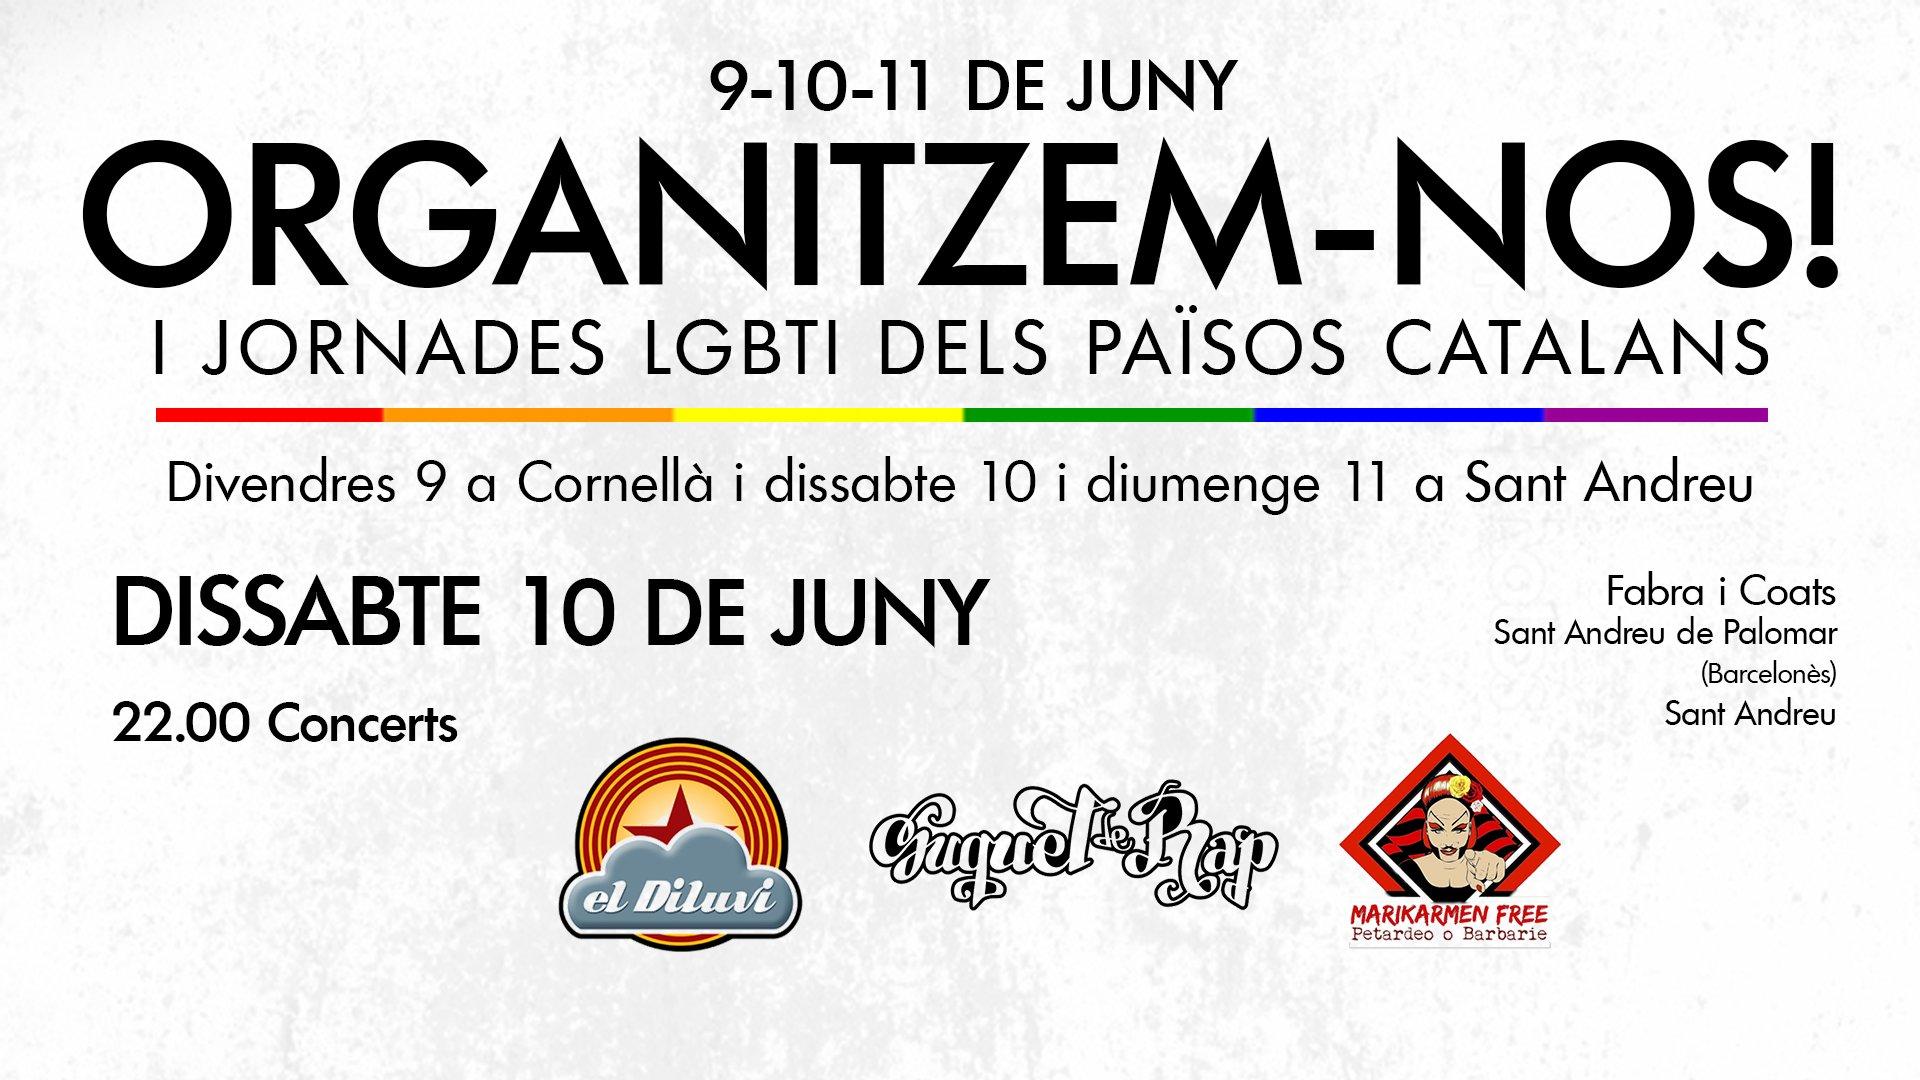 La Crida LGBTI convoca I Jornades LGBTI dels Països Catalans [Música En Valencià] Els valencians el Diluvi & Suquet de rap al cadafal de les jornades Tweet